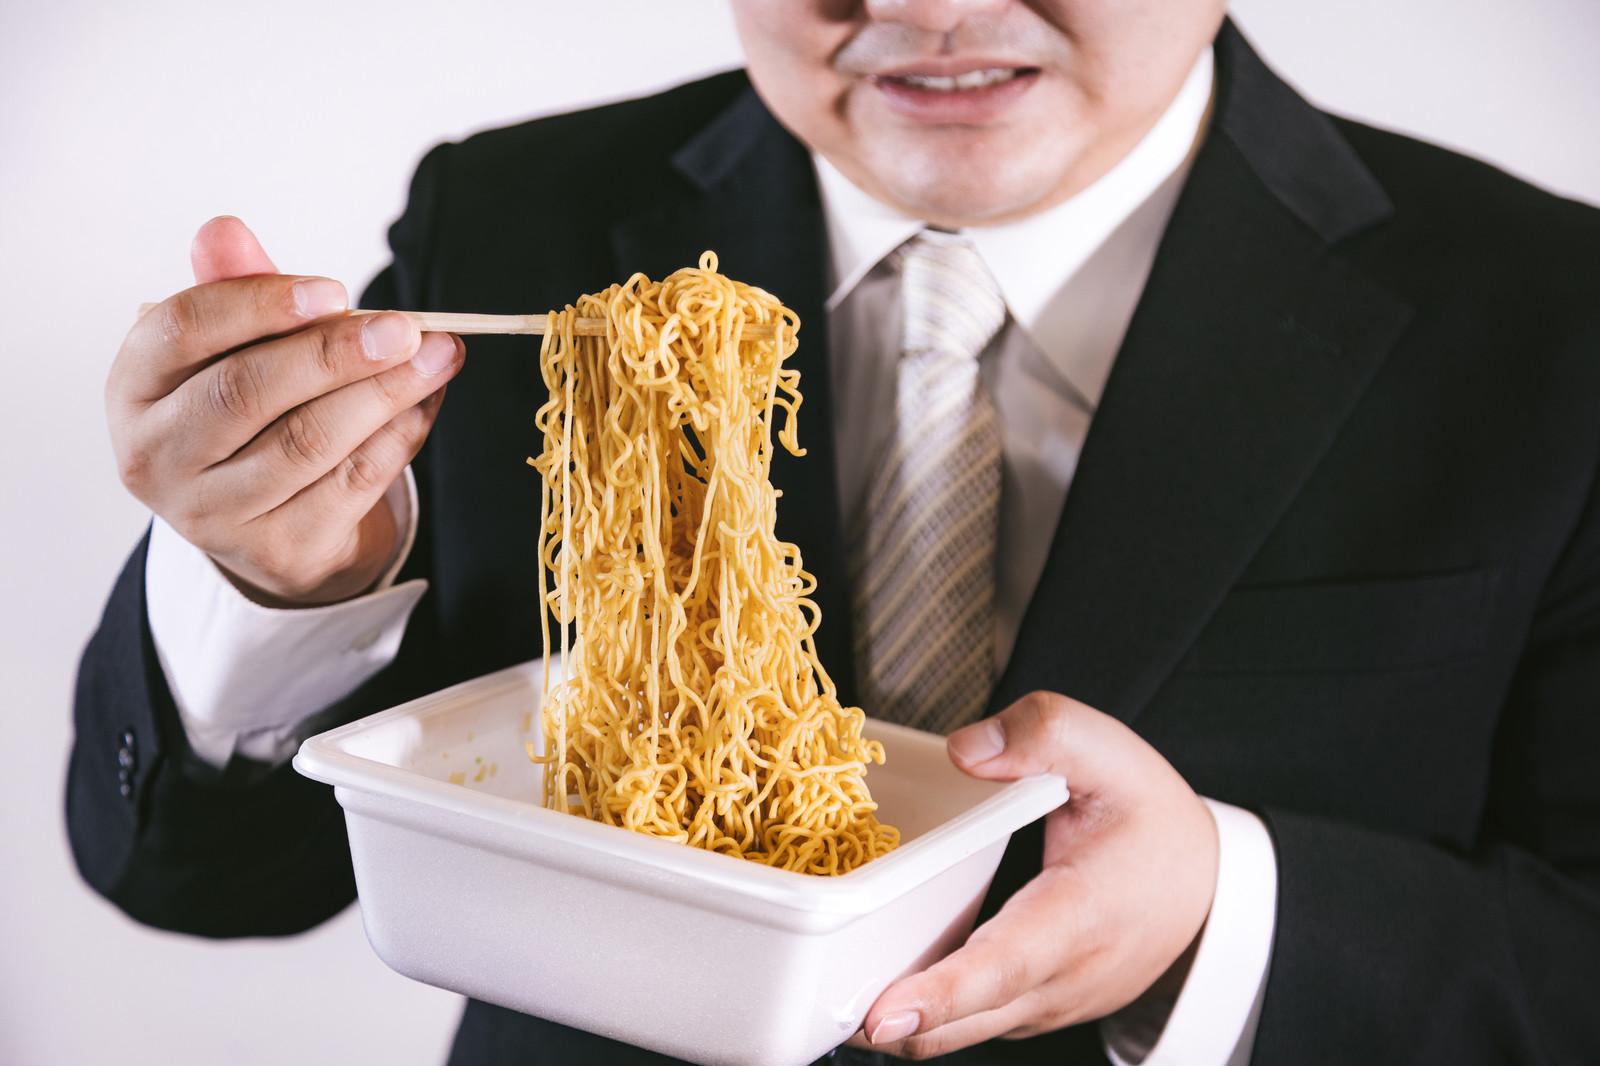 ペヤングって美味しいけど太りやすい?超大盛りのカロリーなどをご紹介!